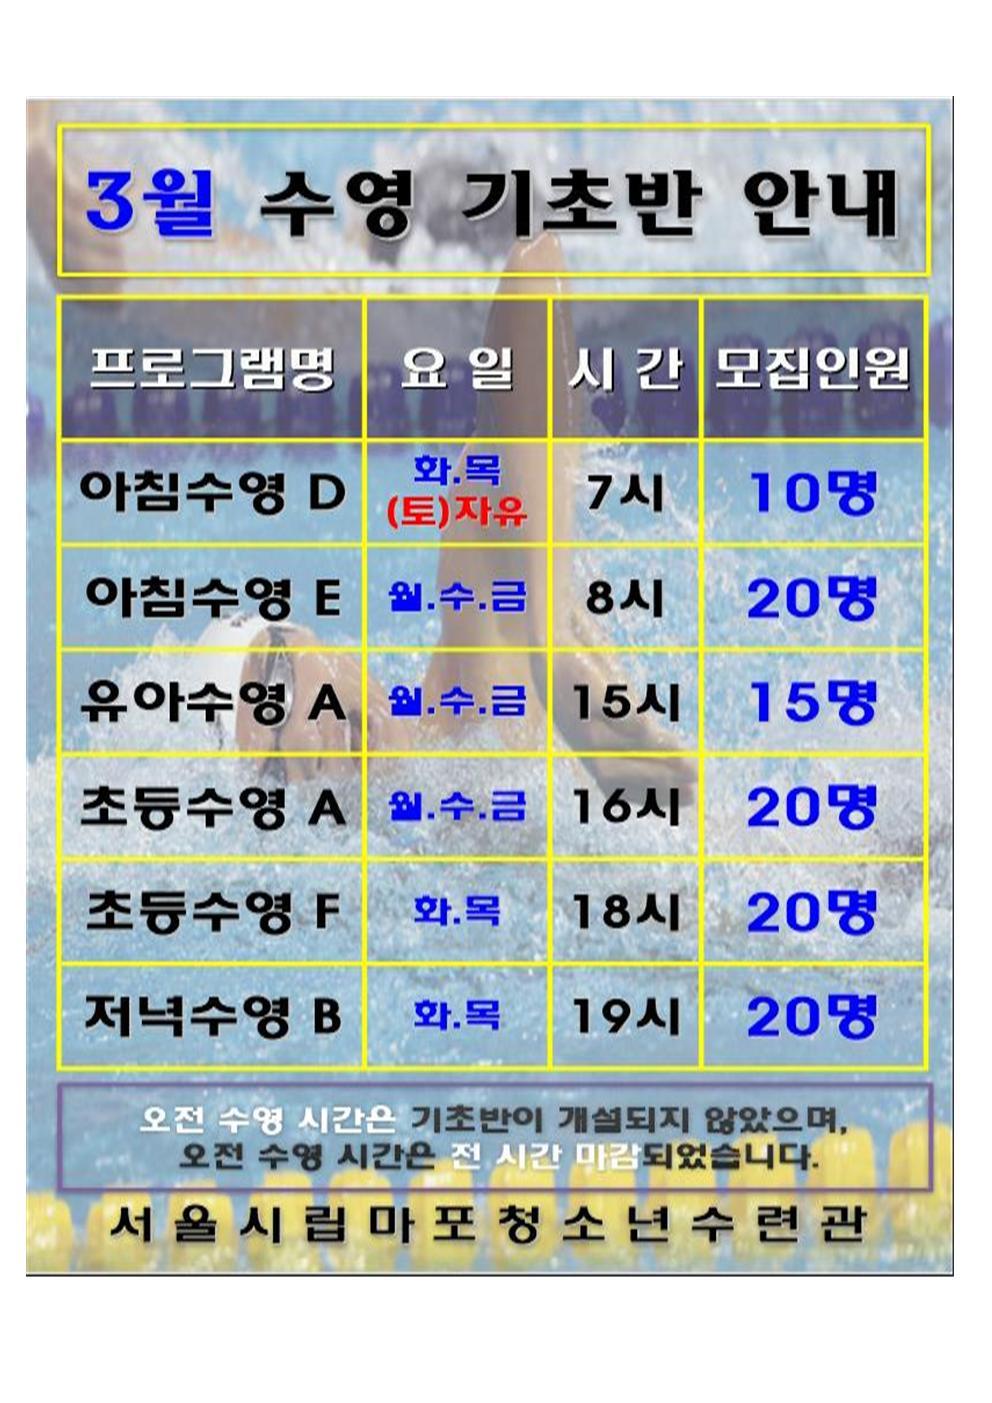 19-3월 뉴 기초반(홈피게시용)  ppt001.jpg